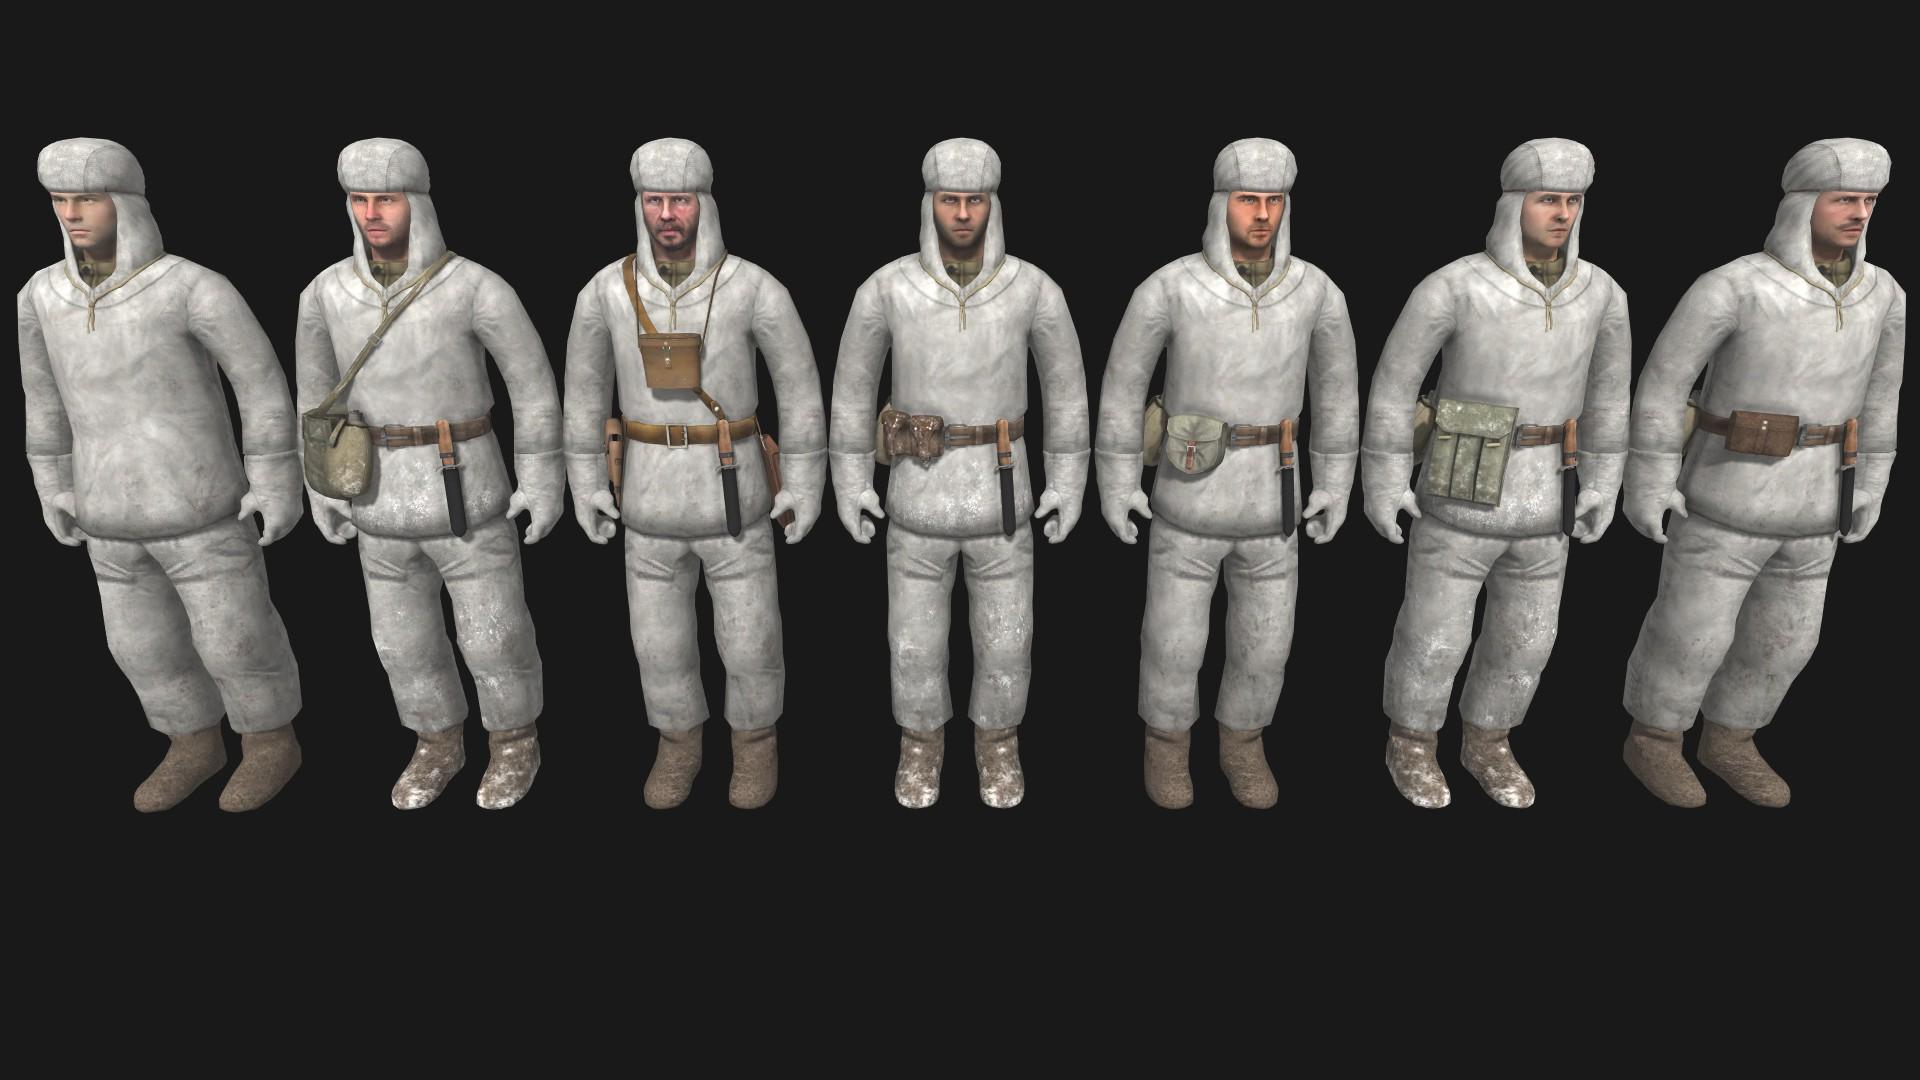 Скачать Skins for Robz Realism Mod (AS2 — 3.262.0) (v06.02.2019) — бесплатно